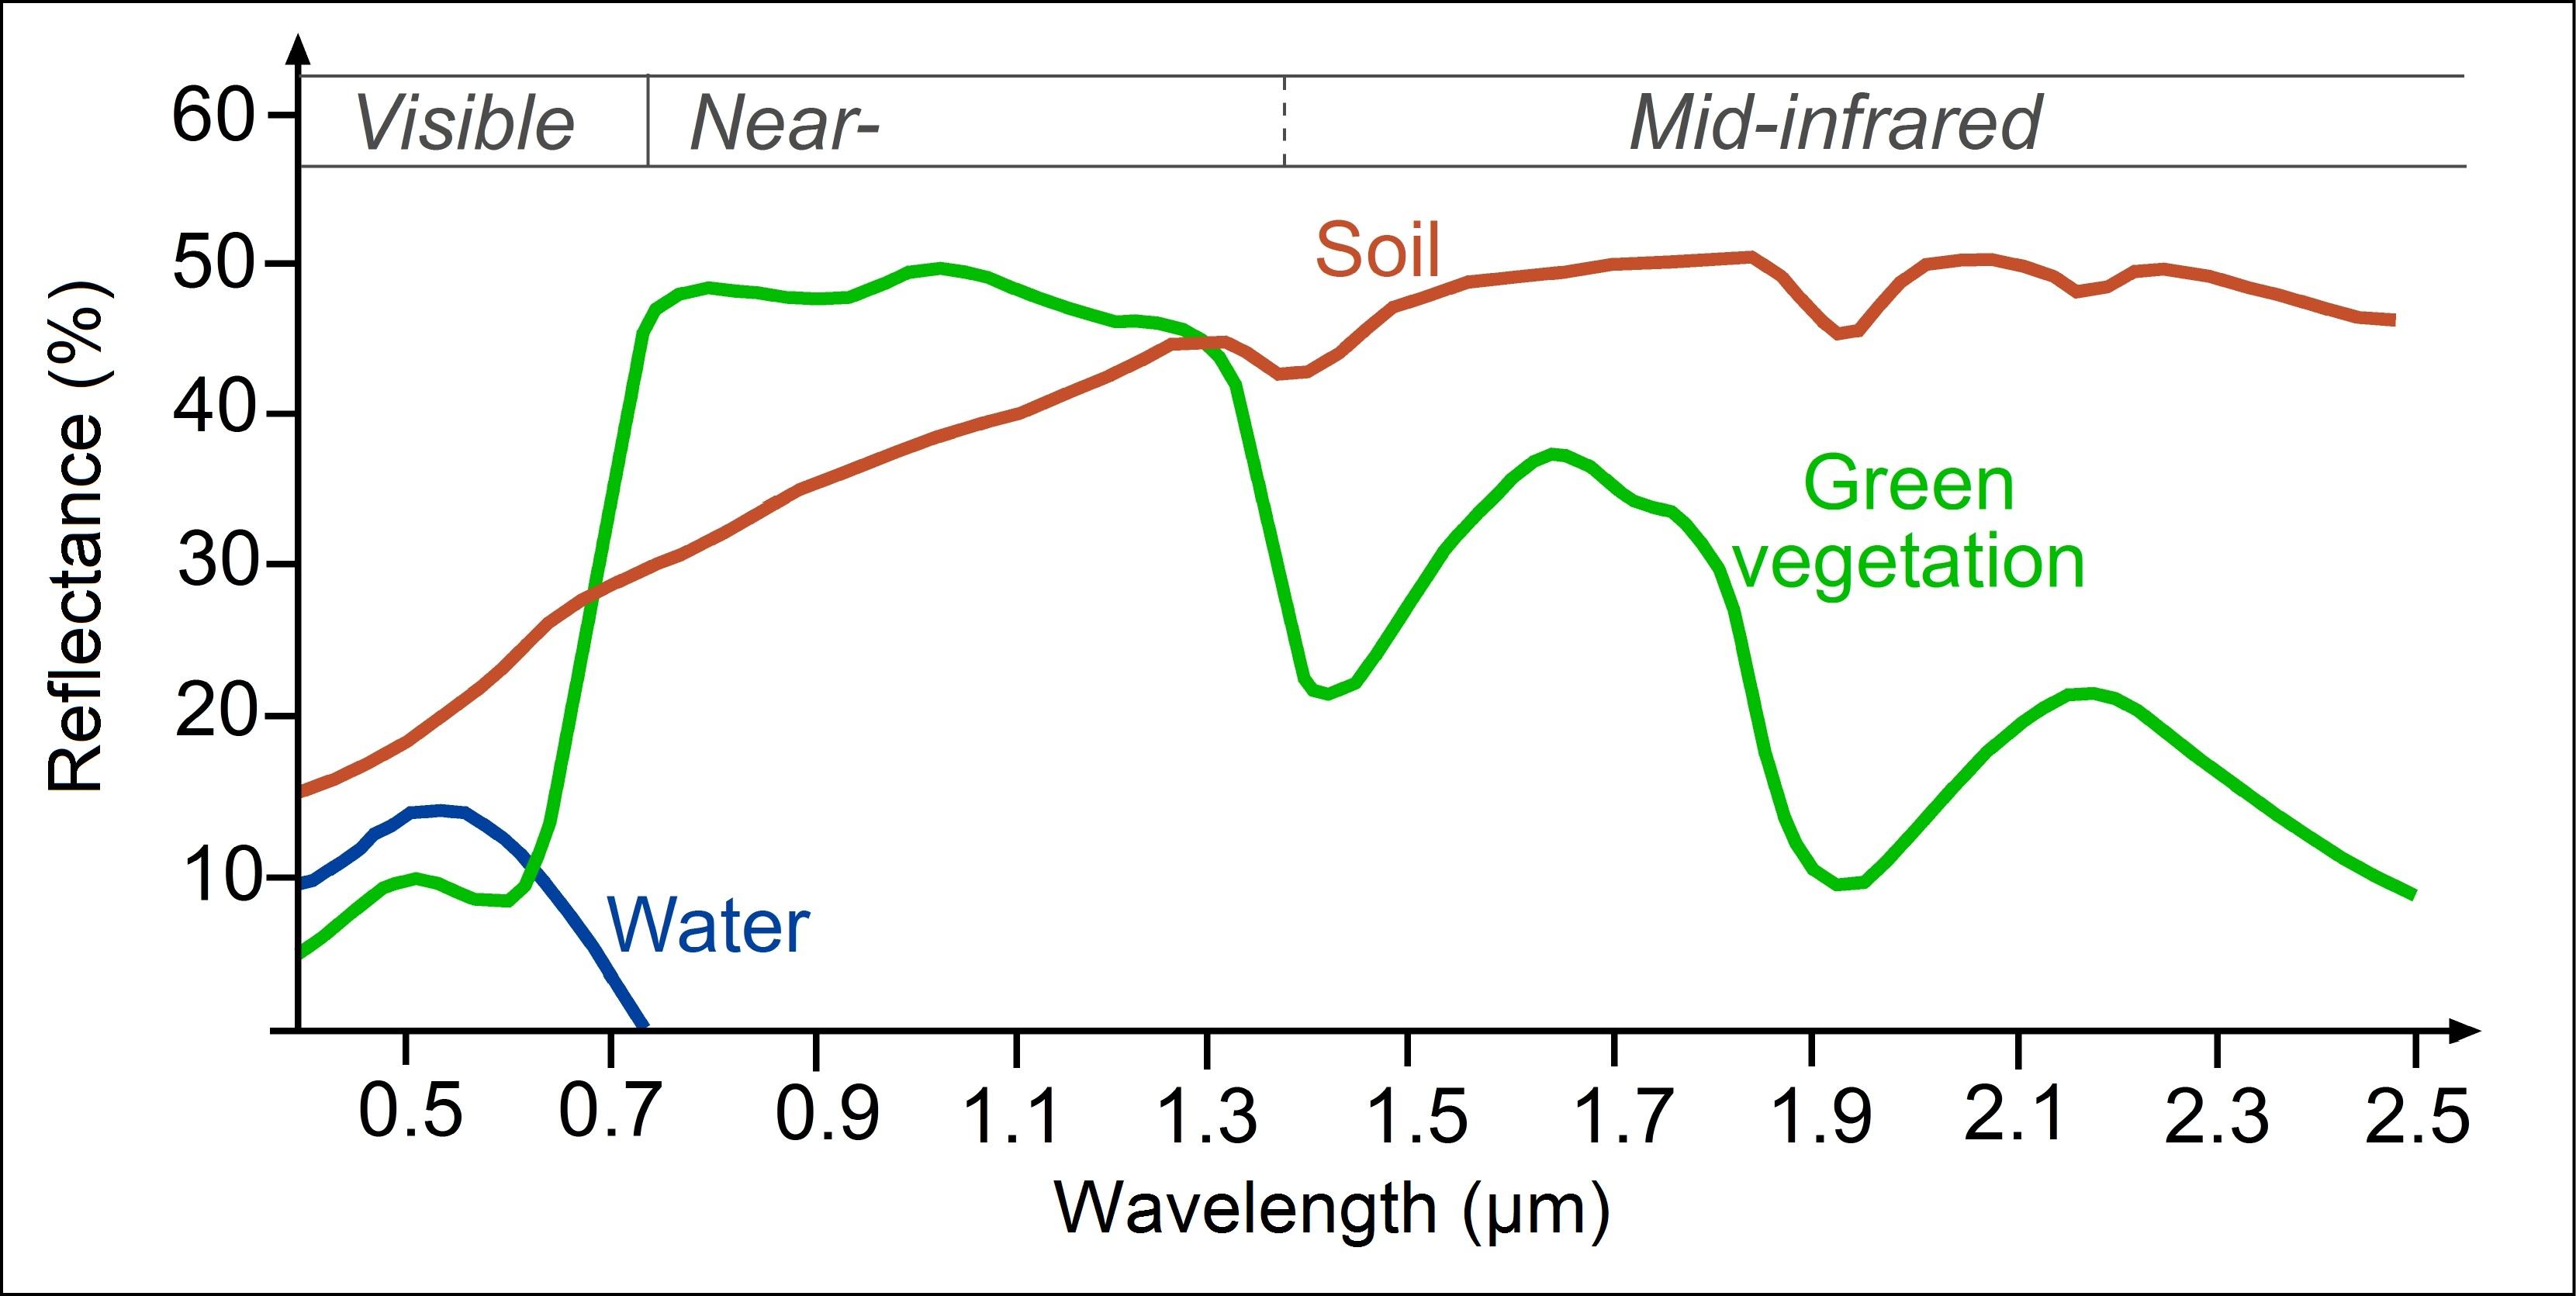 Obrázek 11: Křivky spektrální odrazivosti pro vodu, vegetaci a půdu